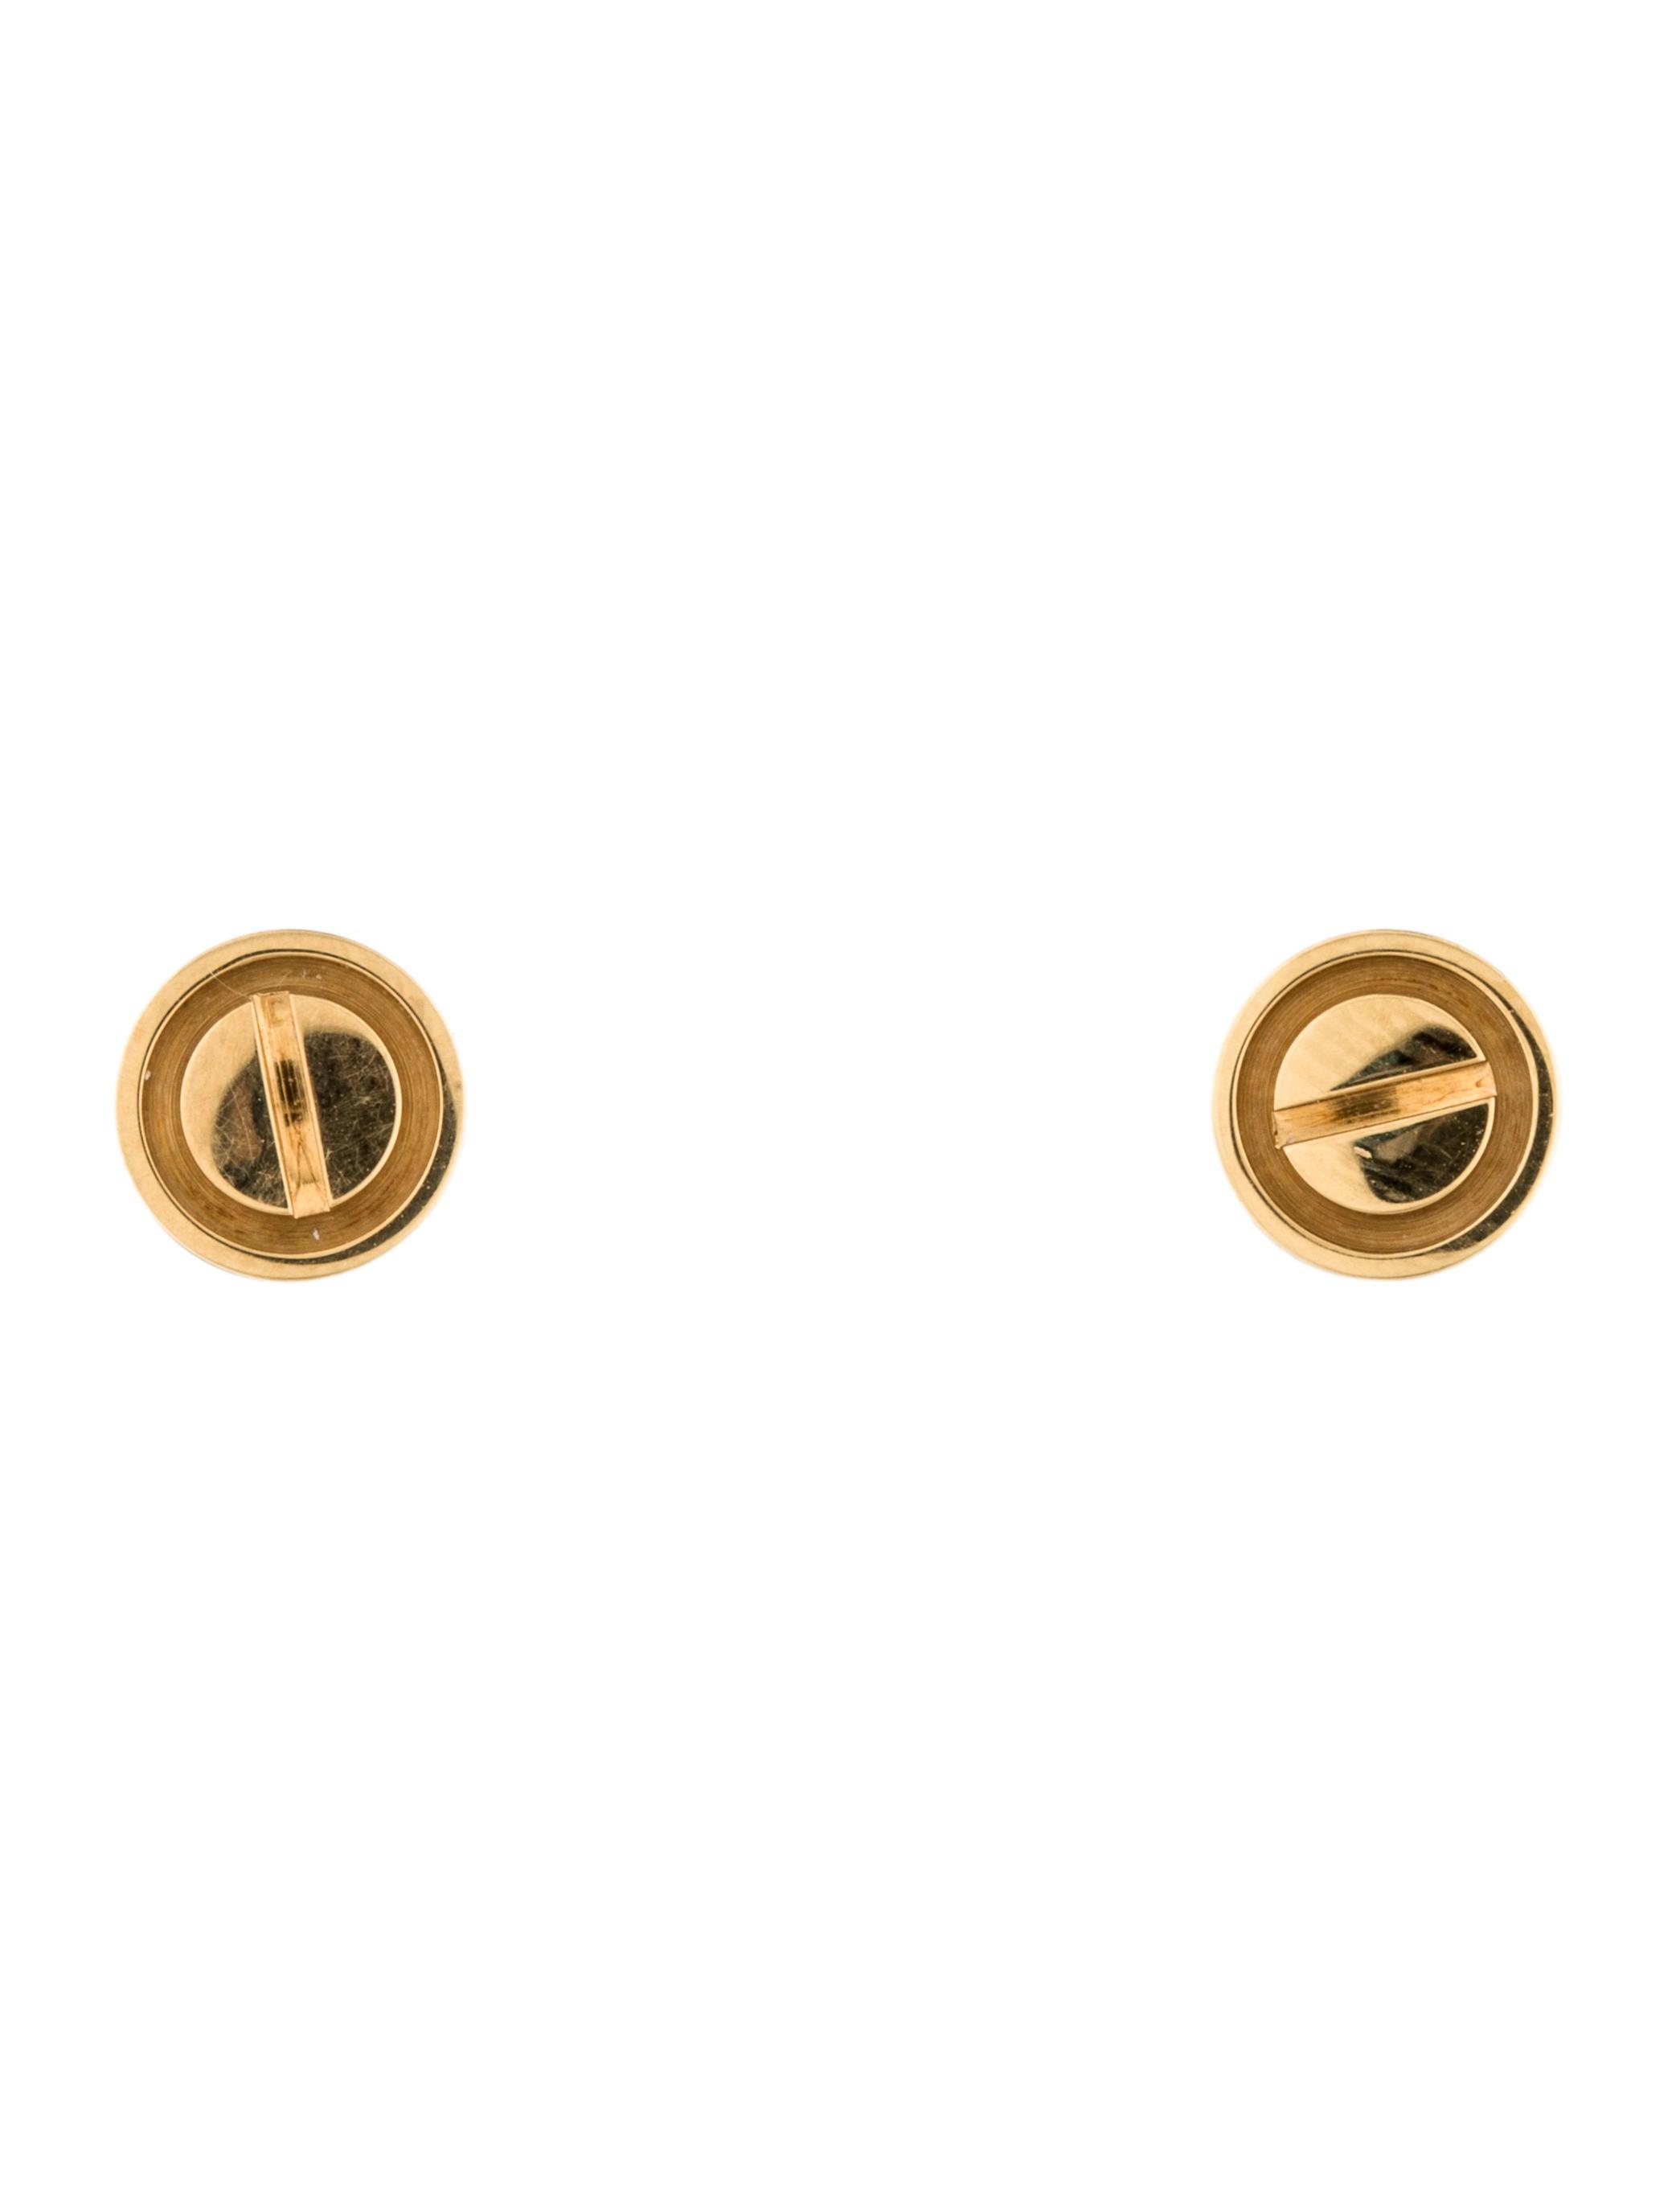 c2a20bd4e78 Cartier LOVE Stud Earrings - Earrings - CRT28883